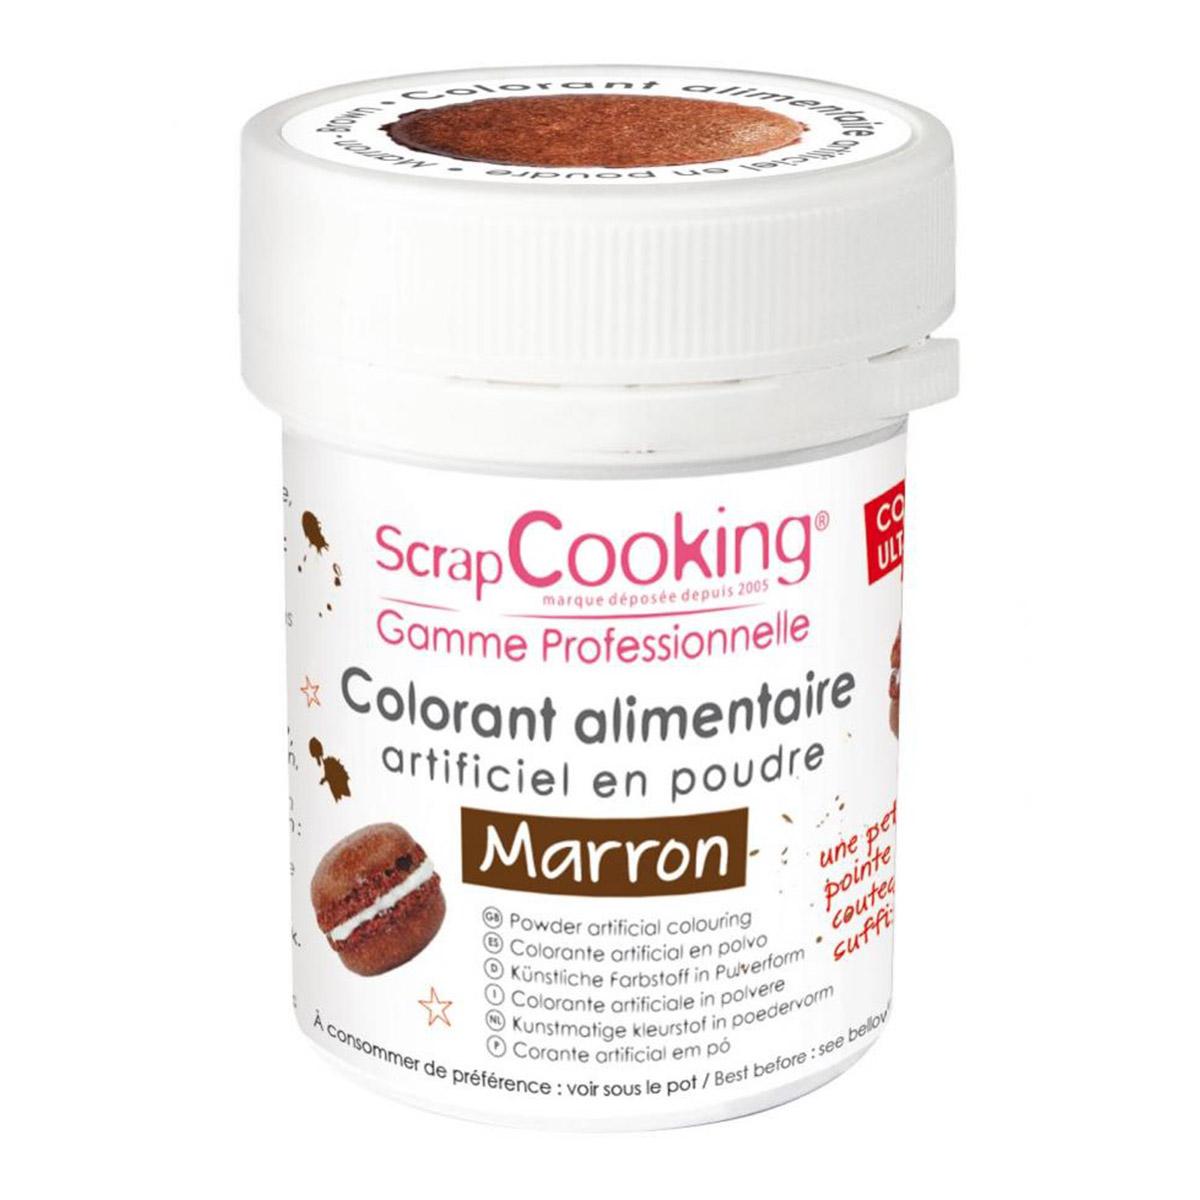 Image du produit Colorant artificiel en poudre - marron - 5g - Scrapcooking